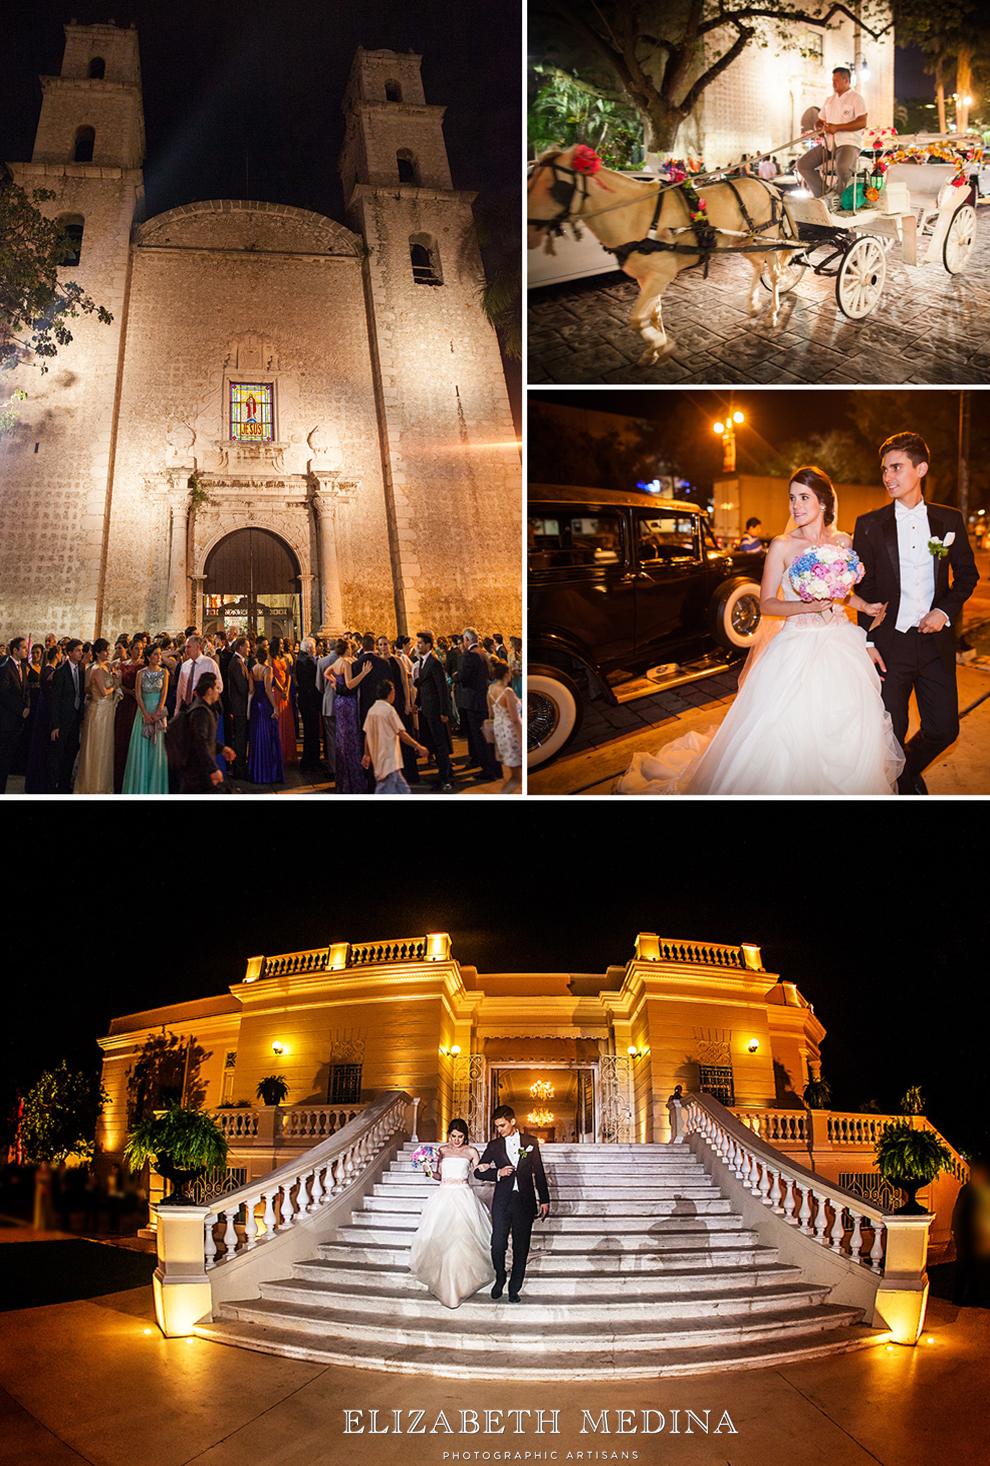 merida_wedding_elizabeth_medina_0015 Boda en Merida, Quinta Montes Molina 03 14 2015